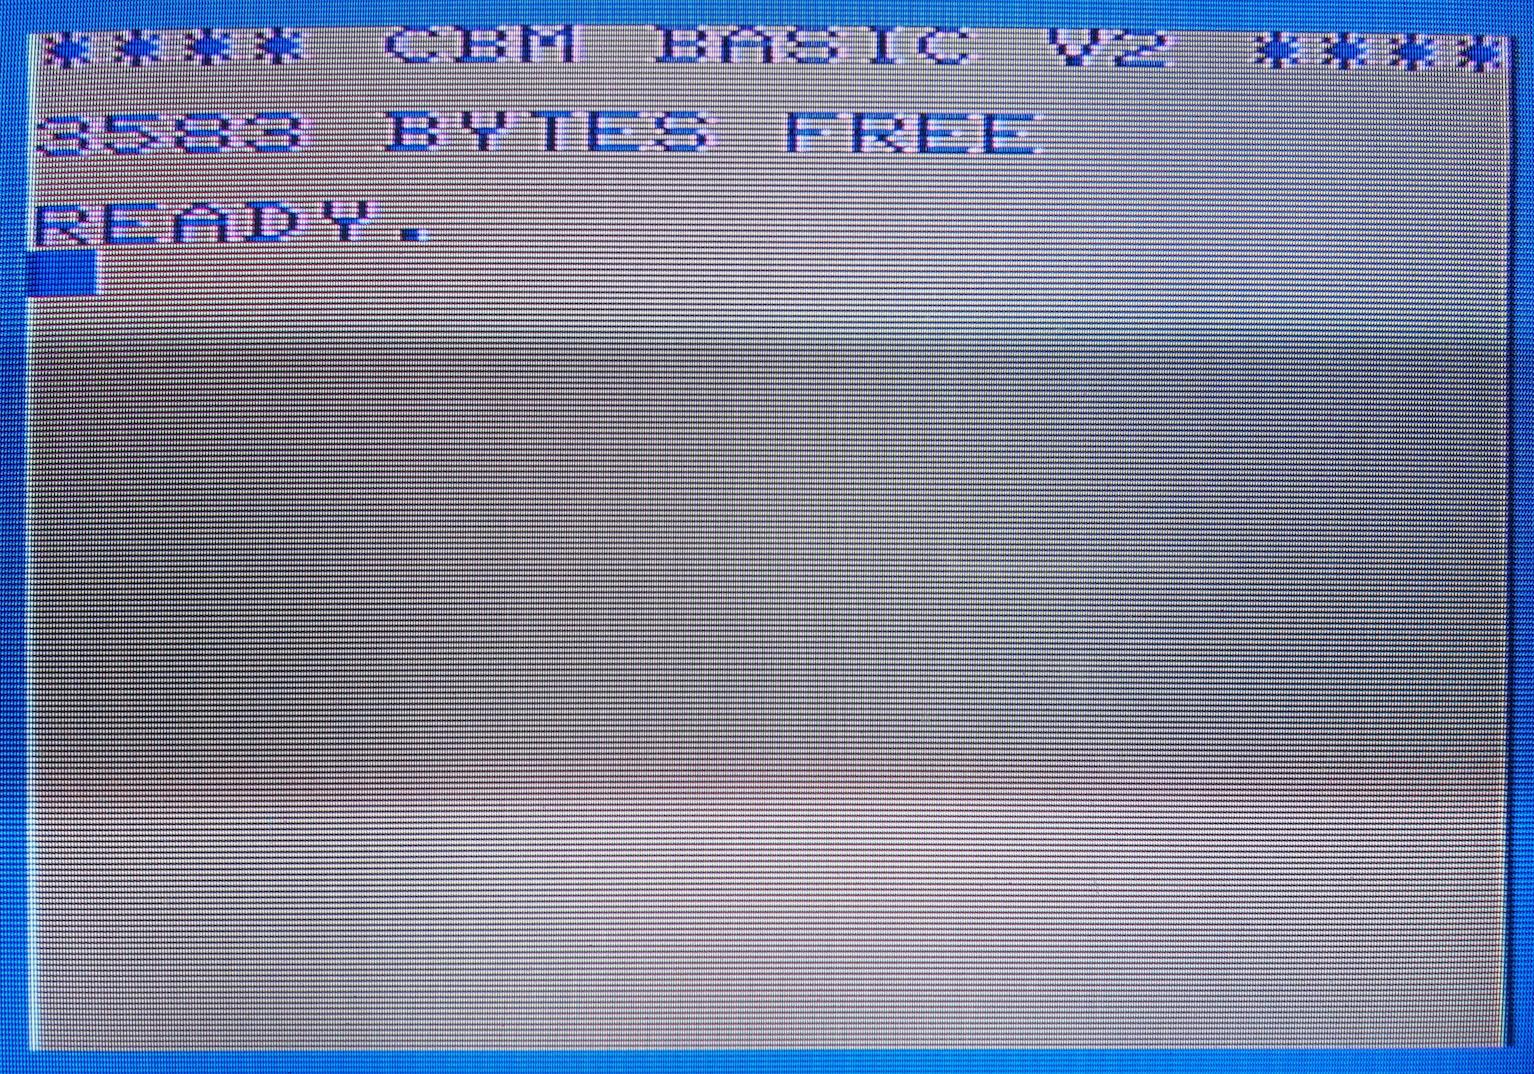 VIC-20 bejelentkező képernyő